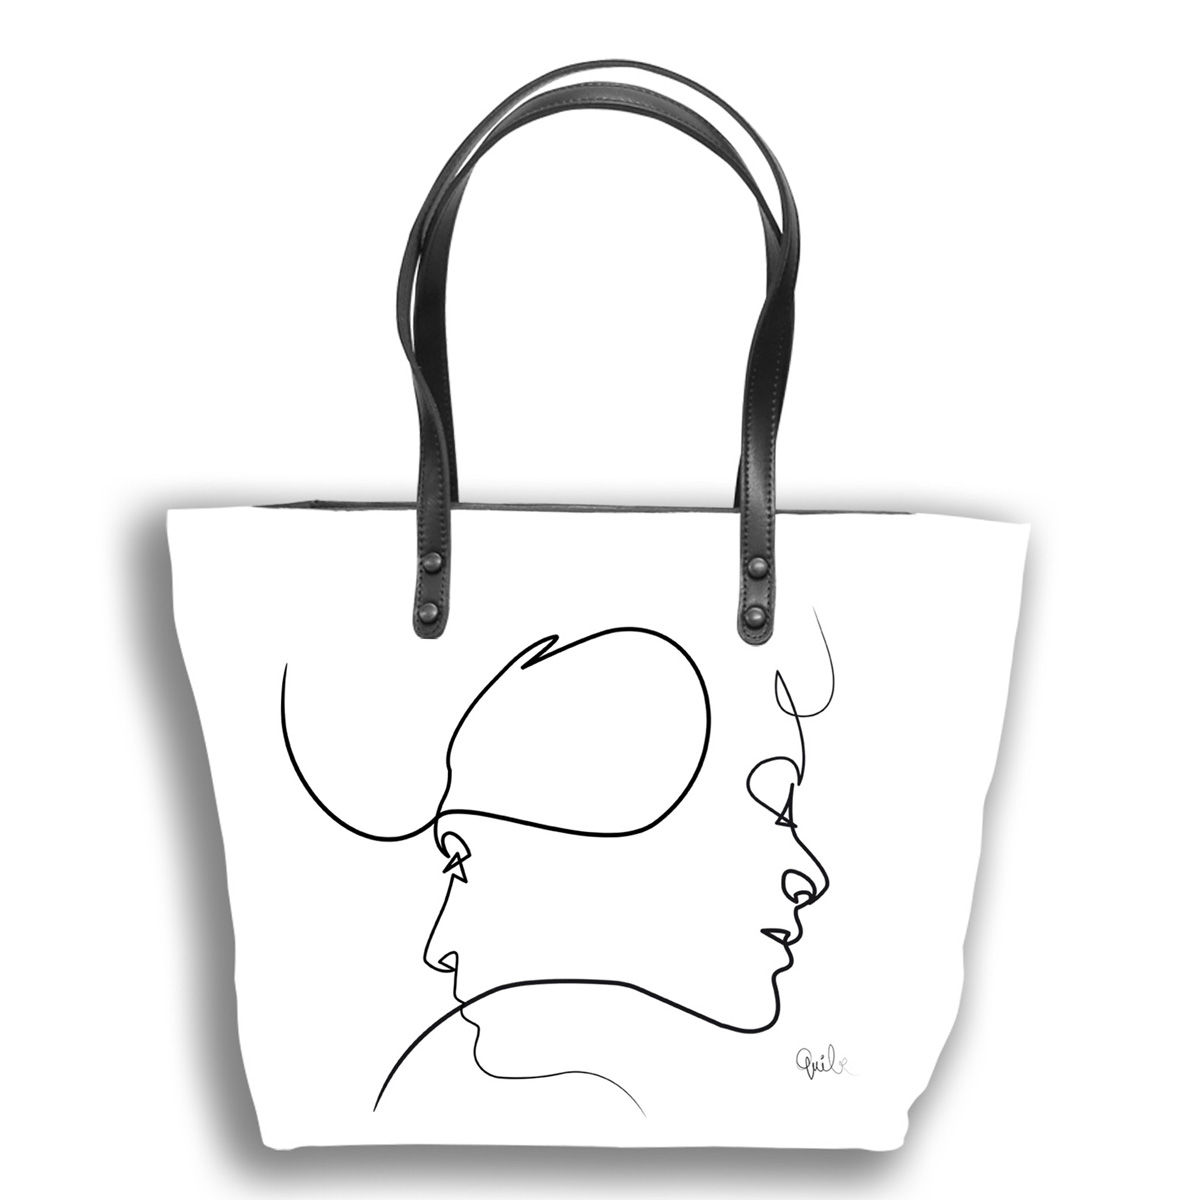 Sac créateur artisanal \'Quibe\' blanc noir (Presque - visages)  - 44x27x14 cm - [A0341]